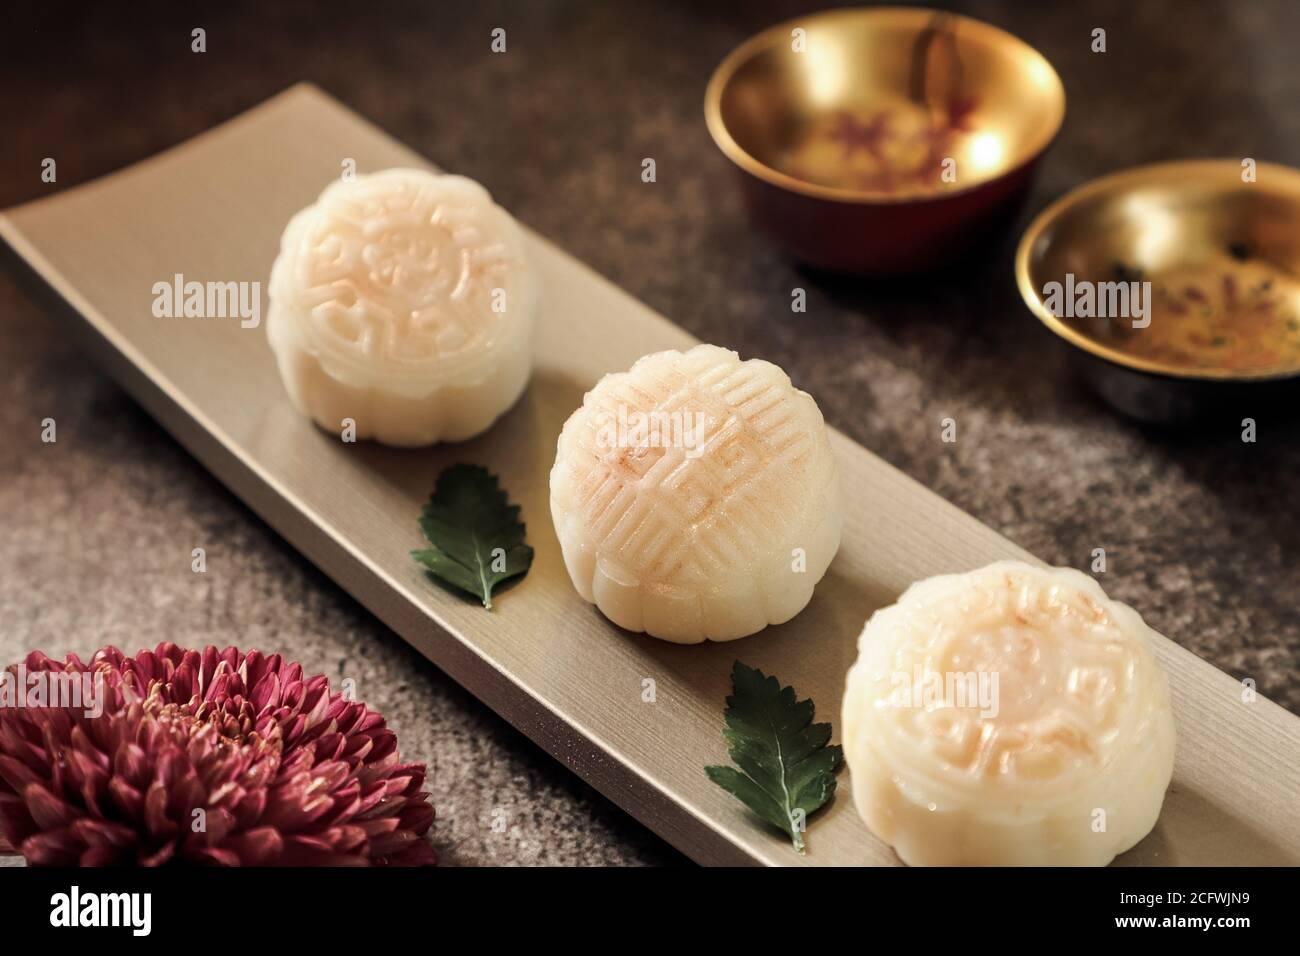 Schneehaut oder Kristallhaut Mooncake. Die neue Variante des Mooncake für Mid-Autumn Festival. Stockfoto